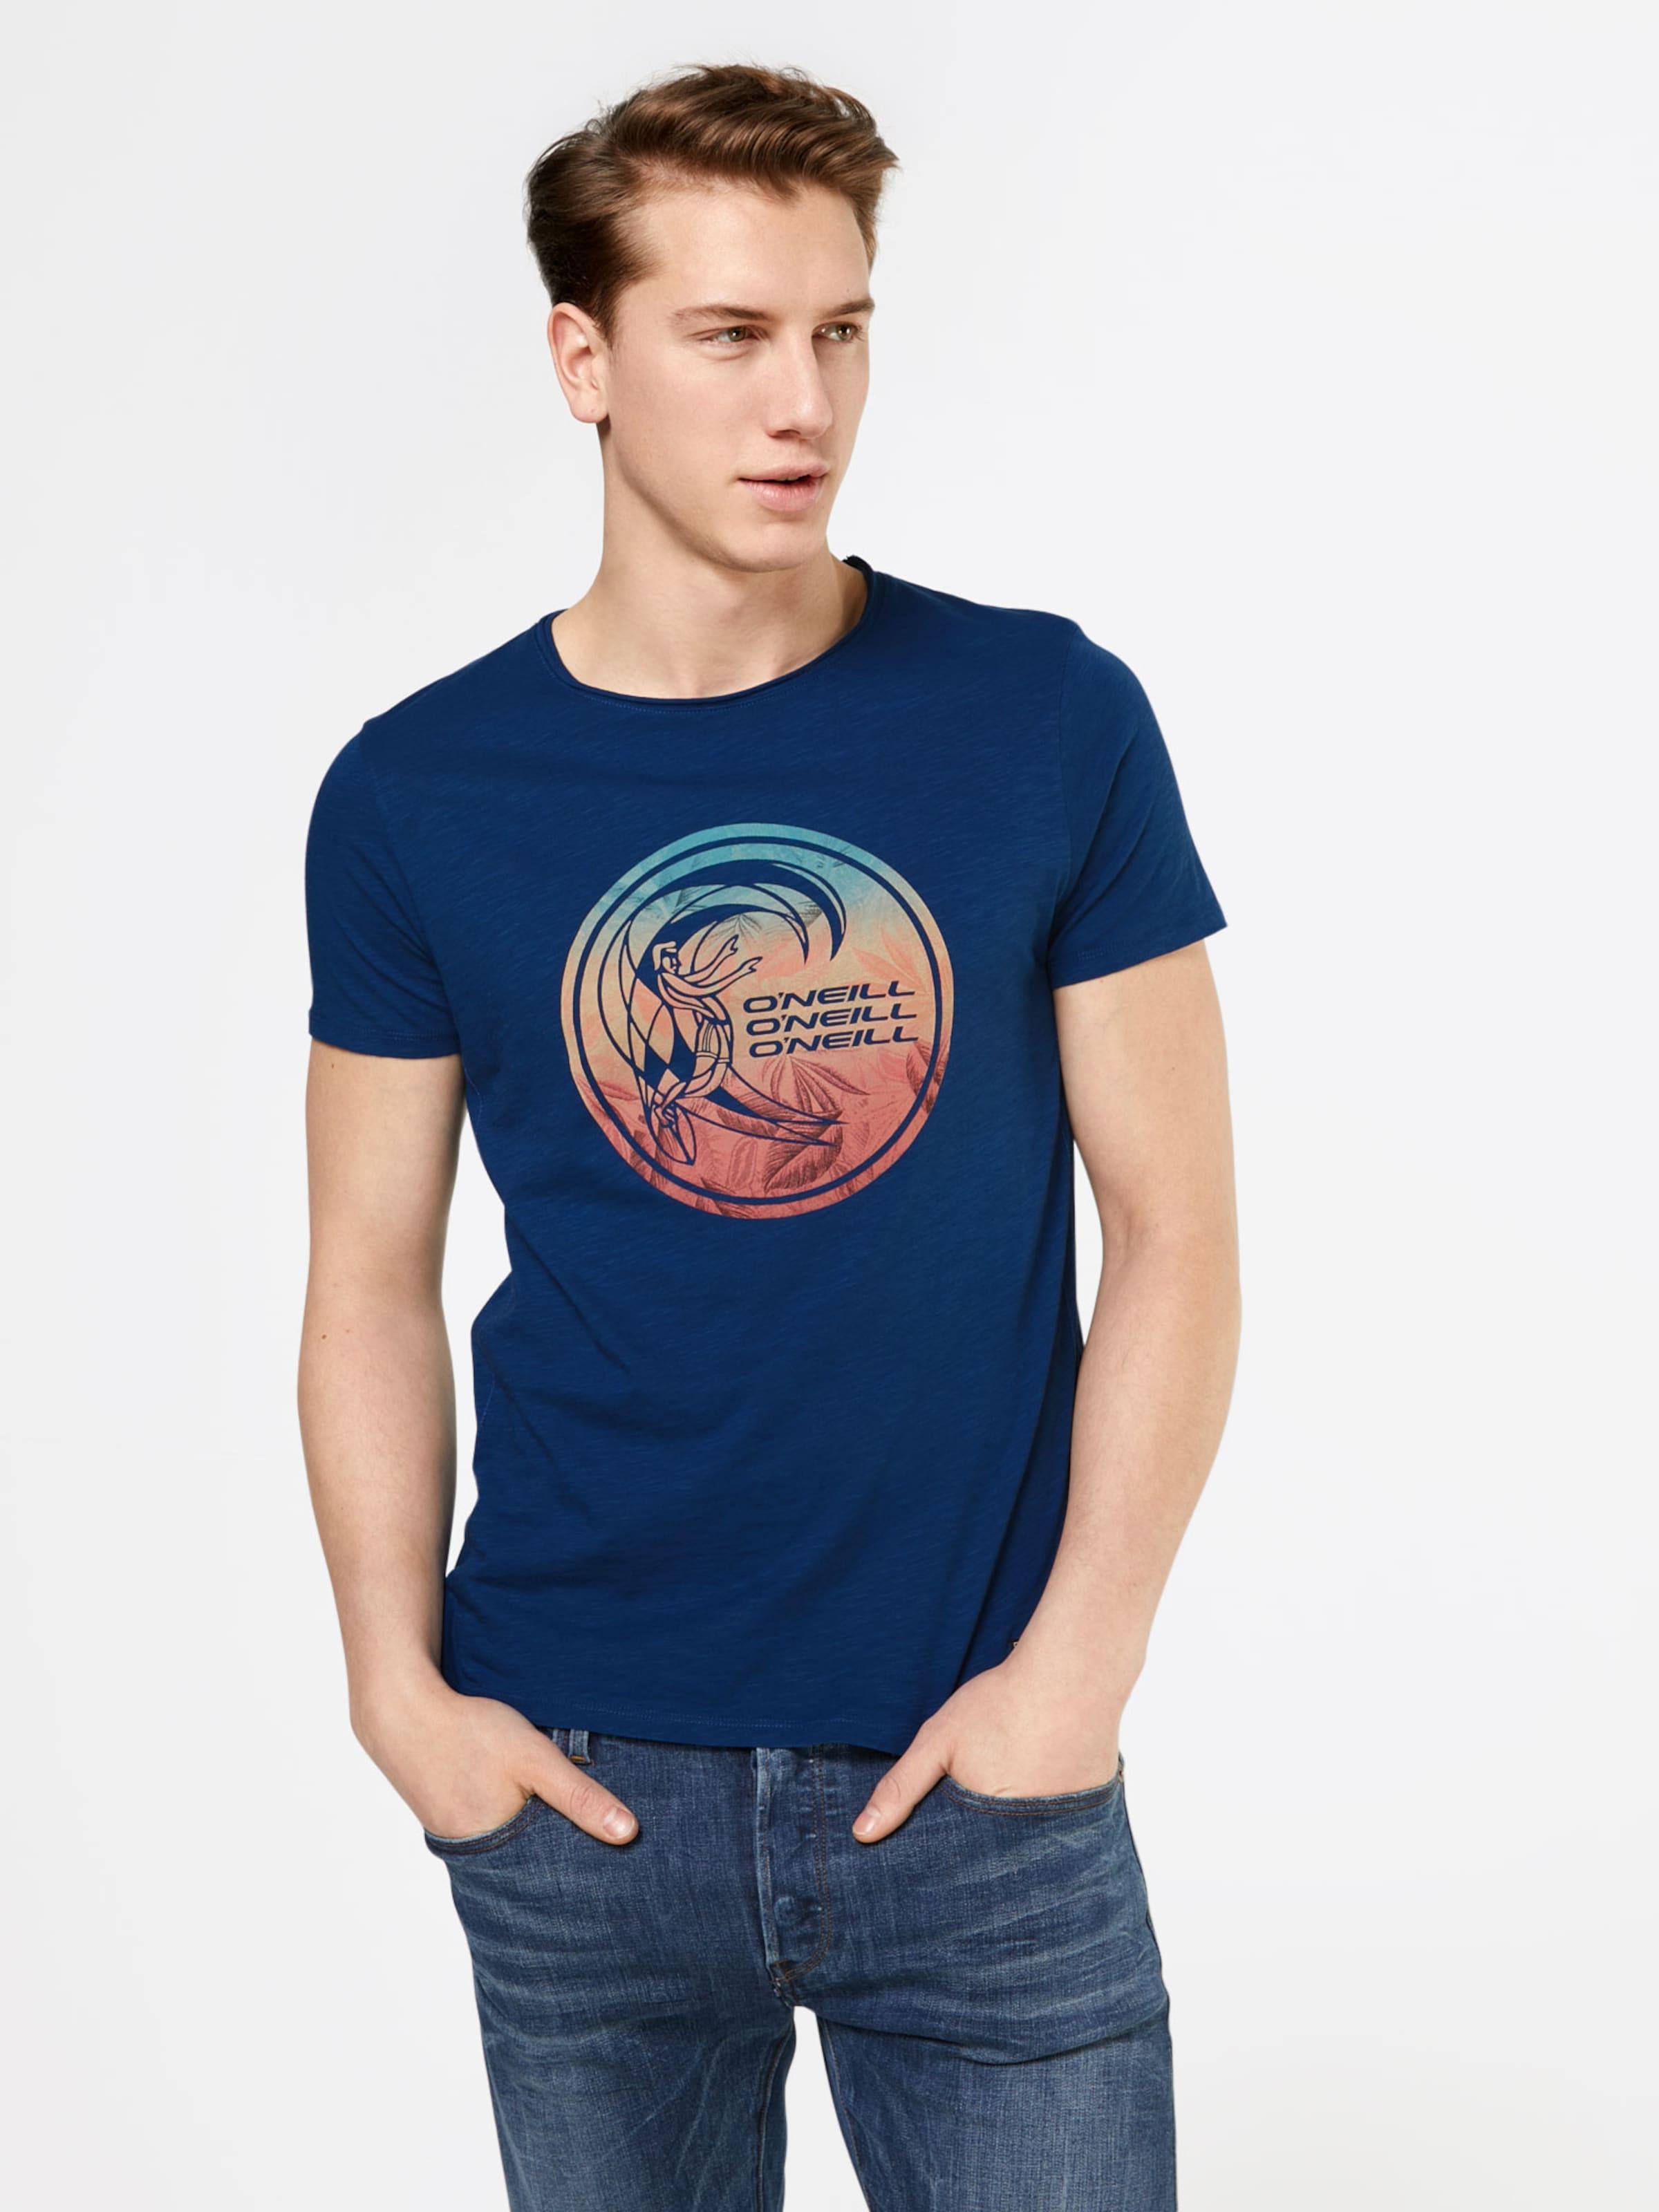 O'NEILL Tshirt 'Circle Surfer' Verkauf Des Niedrigen Preises 9Cs4vxje